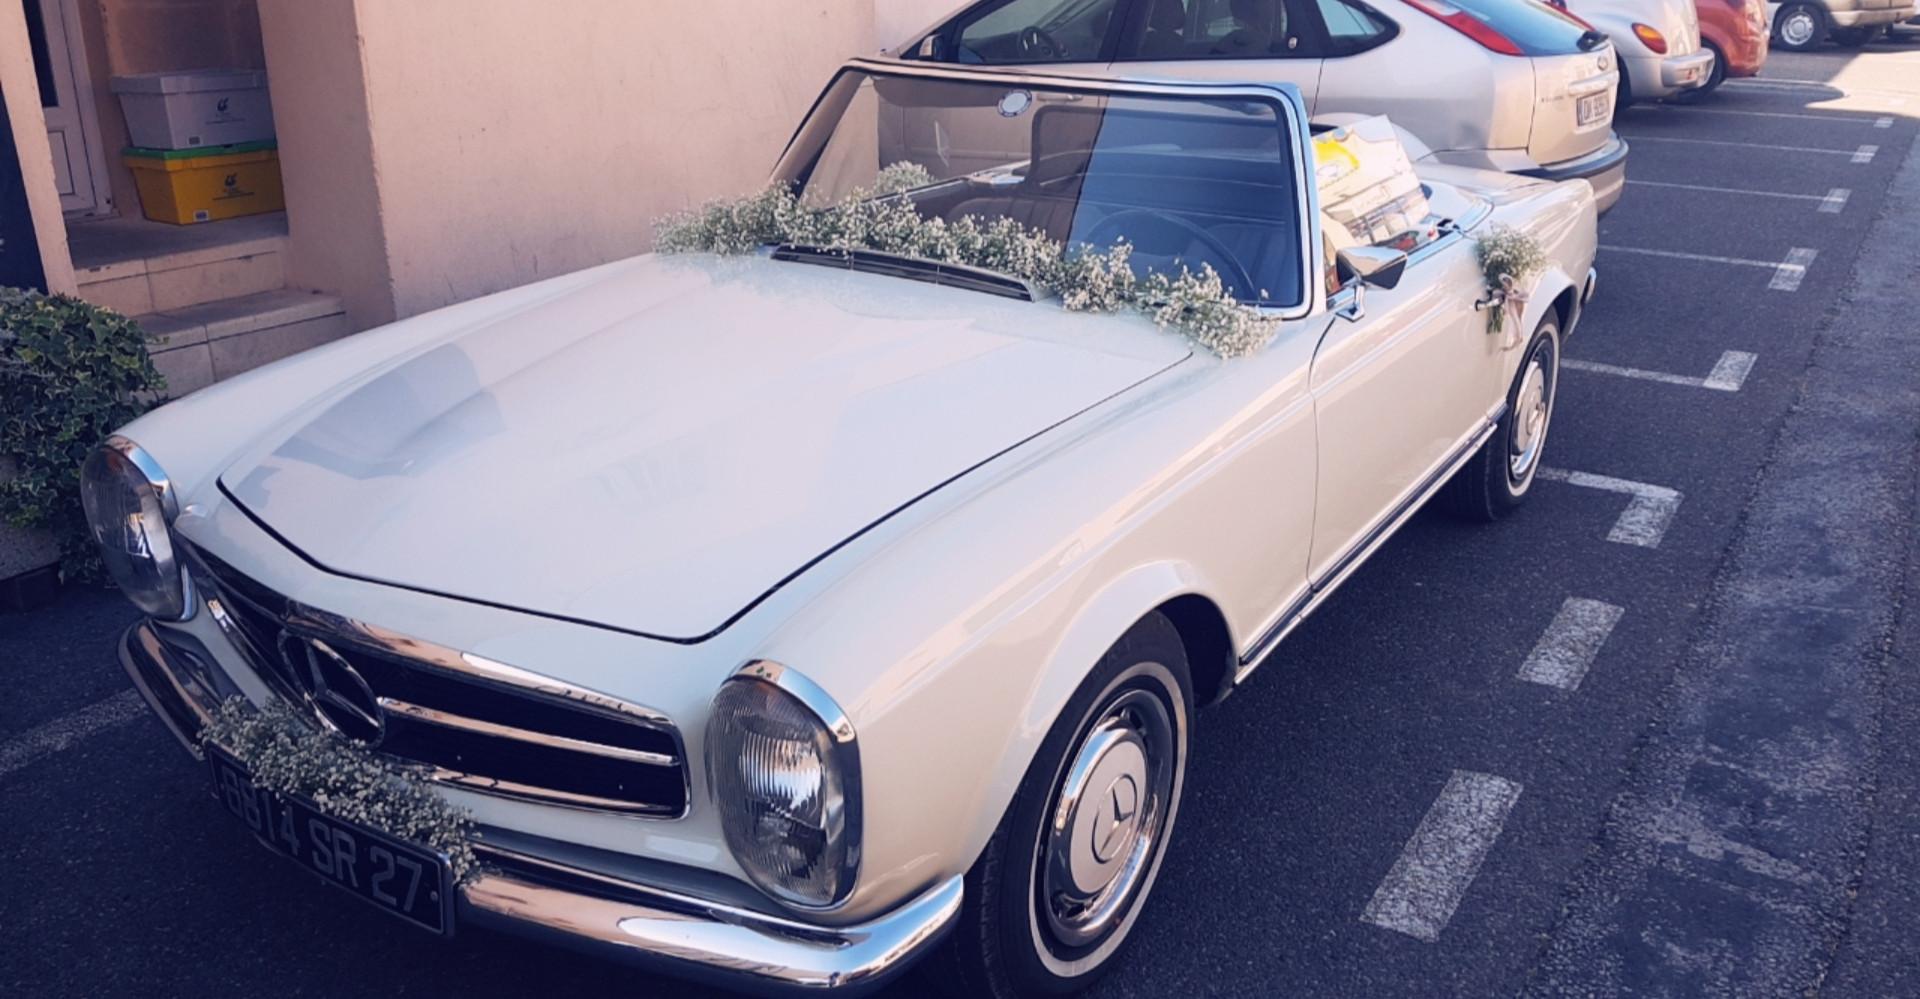 décoration voiture.jpg